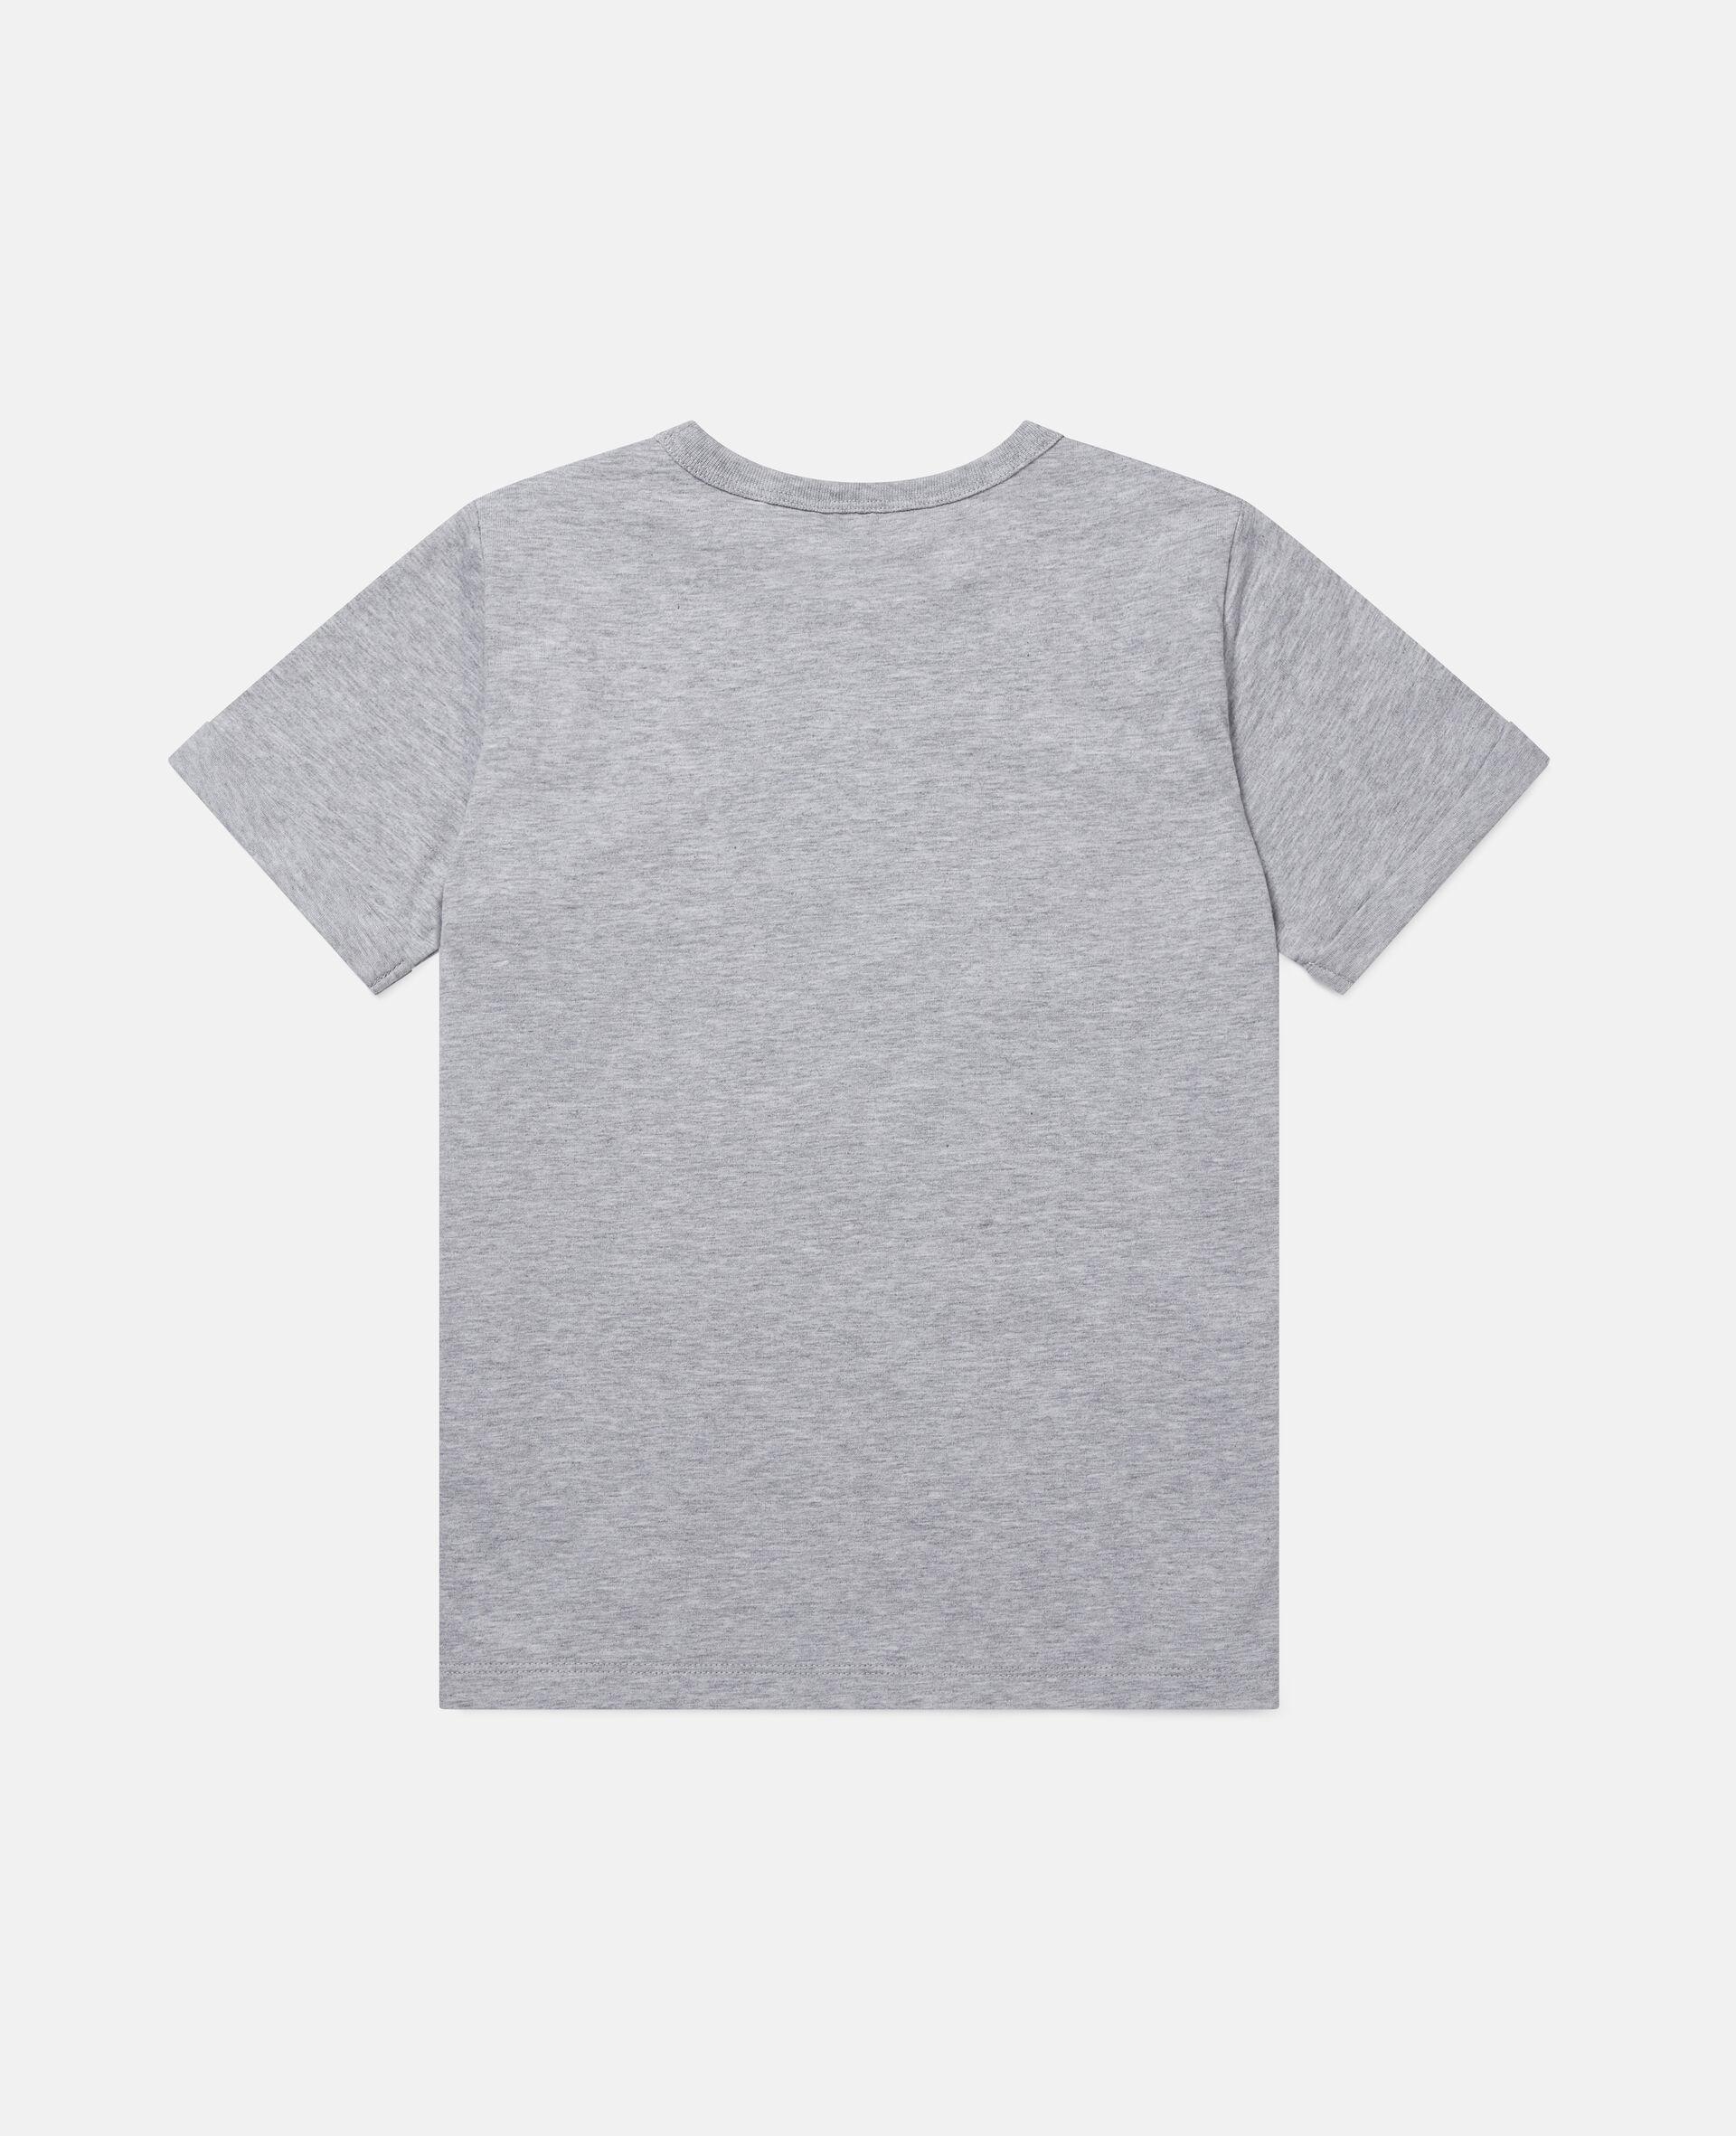 Baumwoll-T-Shirt mit Gänseblümchenherz-Grau-large image number 3